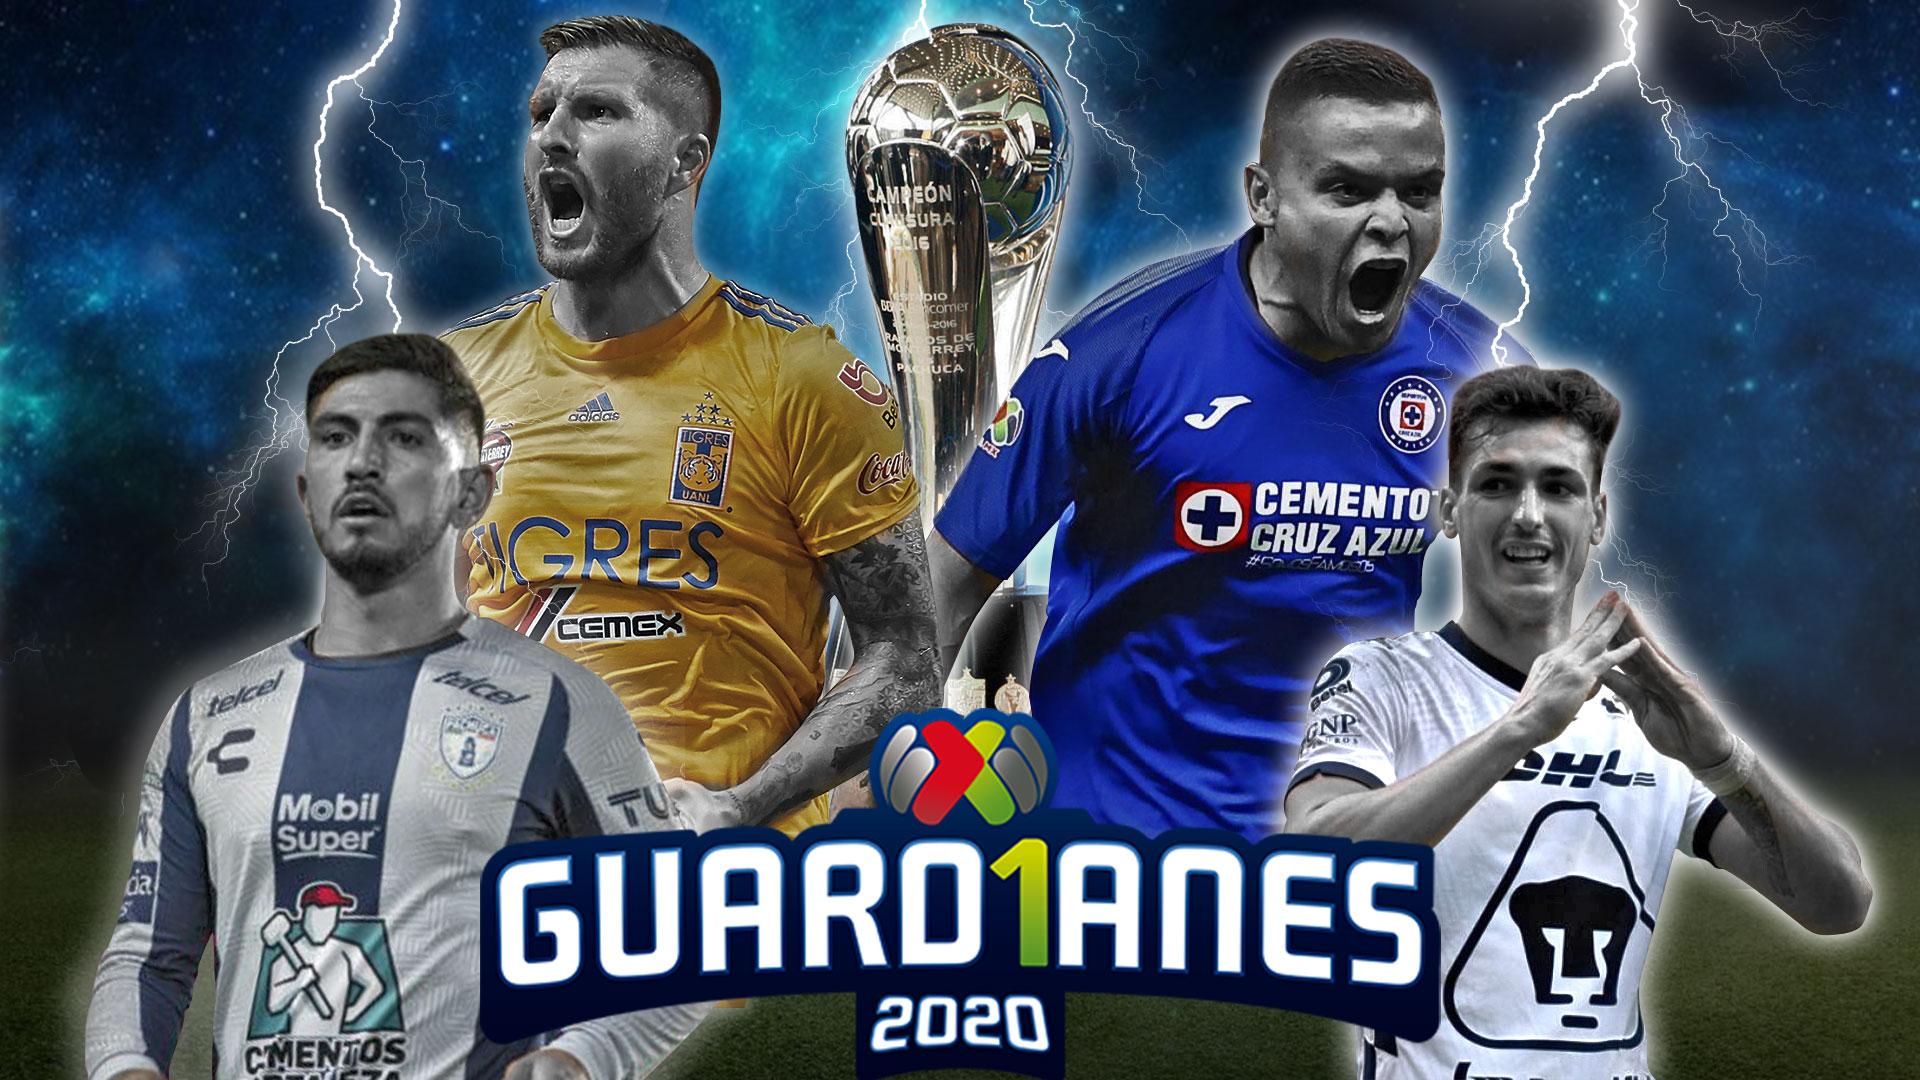 Temprano barbería Viaje  Pachuca vs. Pumas y Tigres vs. Cruz Azul: dónde y cómo ver los cuartos de  final de la Liguilla 2020 - Infobae